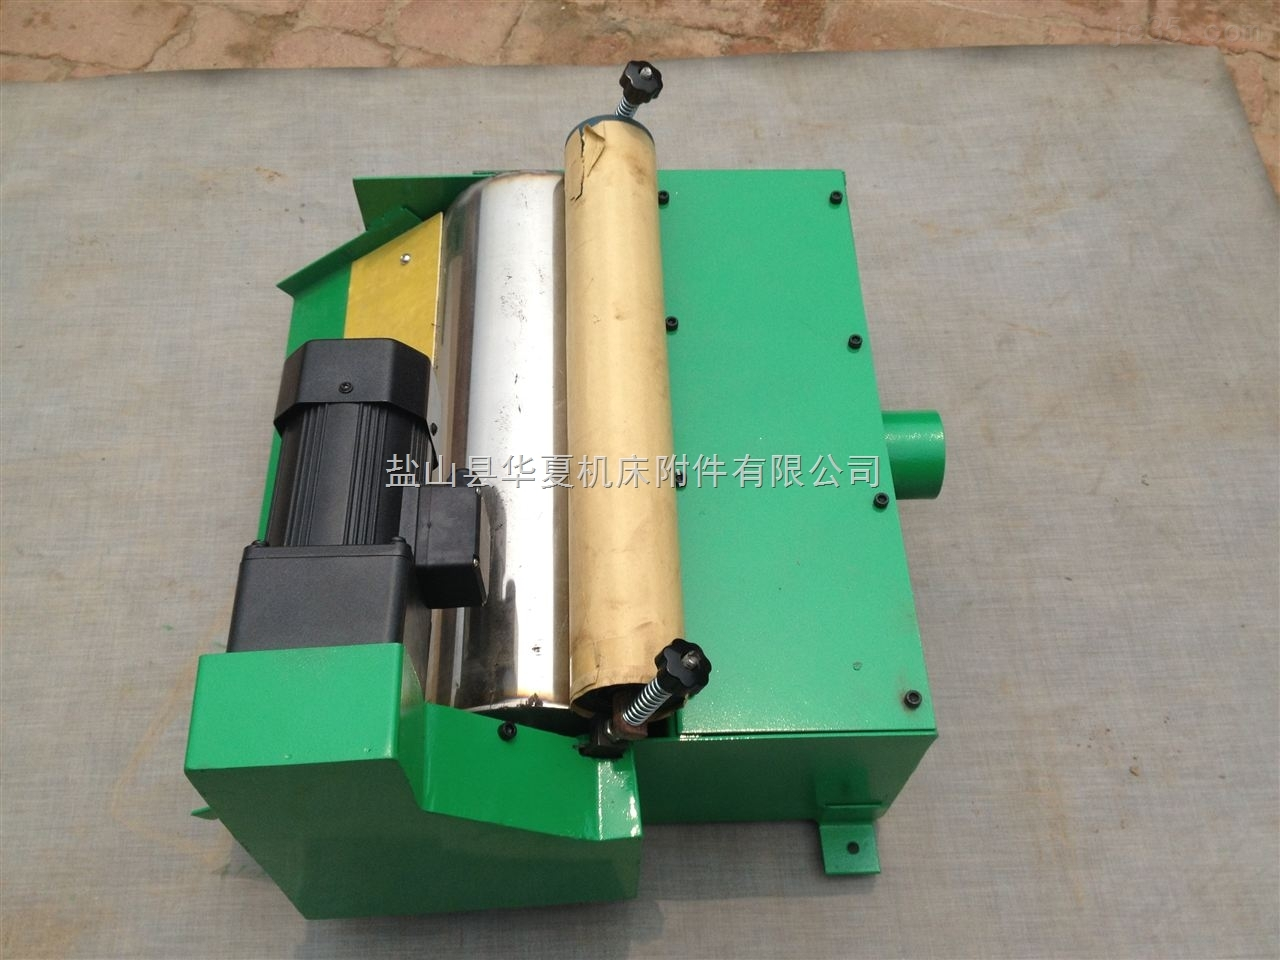 现货供应磨床磁性分离器  大水磨磁性分离器